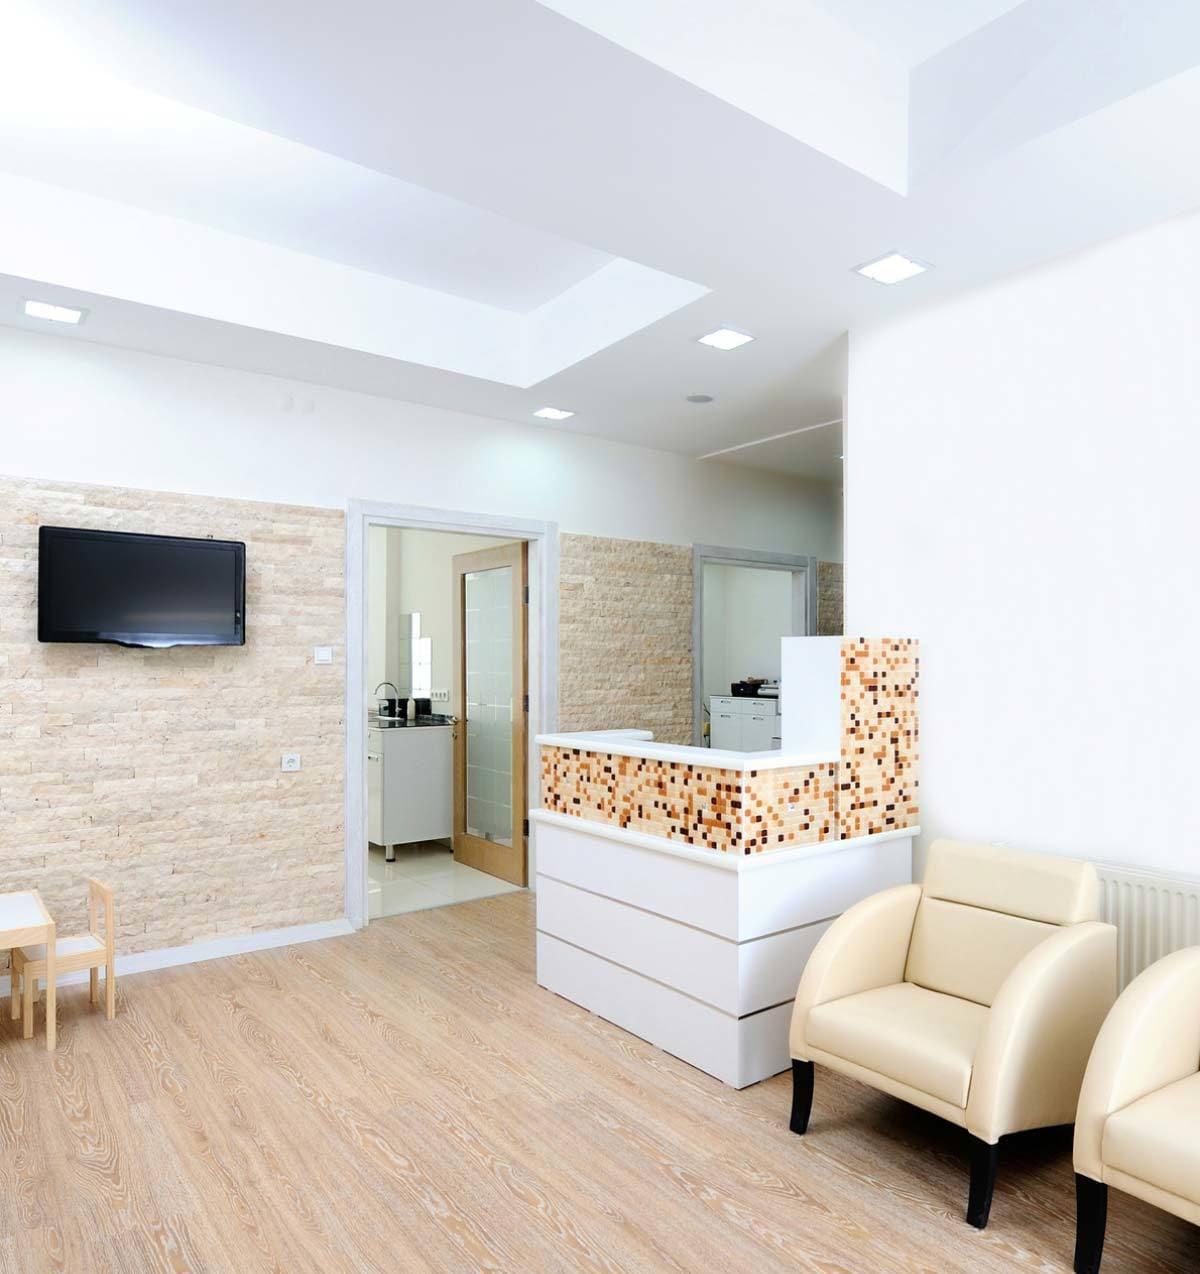 Maplewood Healthcare properties